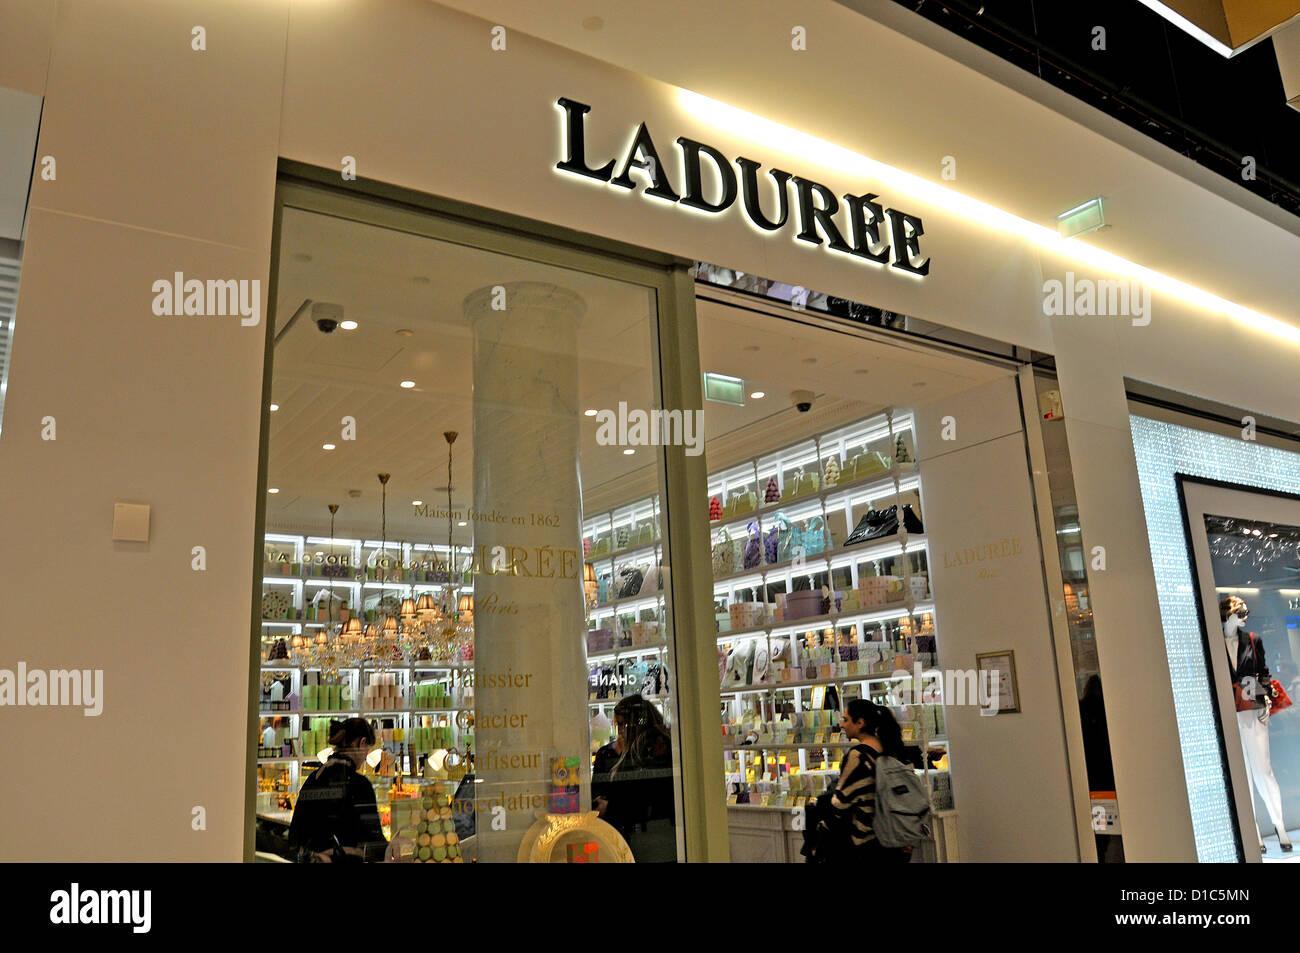 Ladurée boutique Roissy Charles de Gaulle airport France - Stock Image